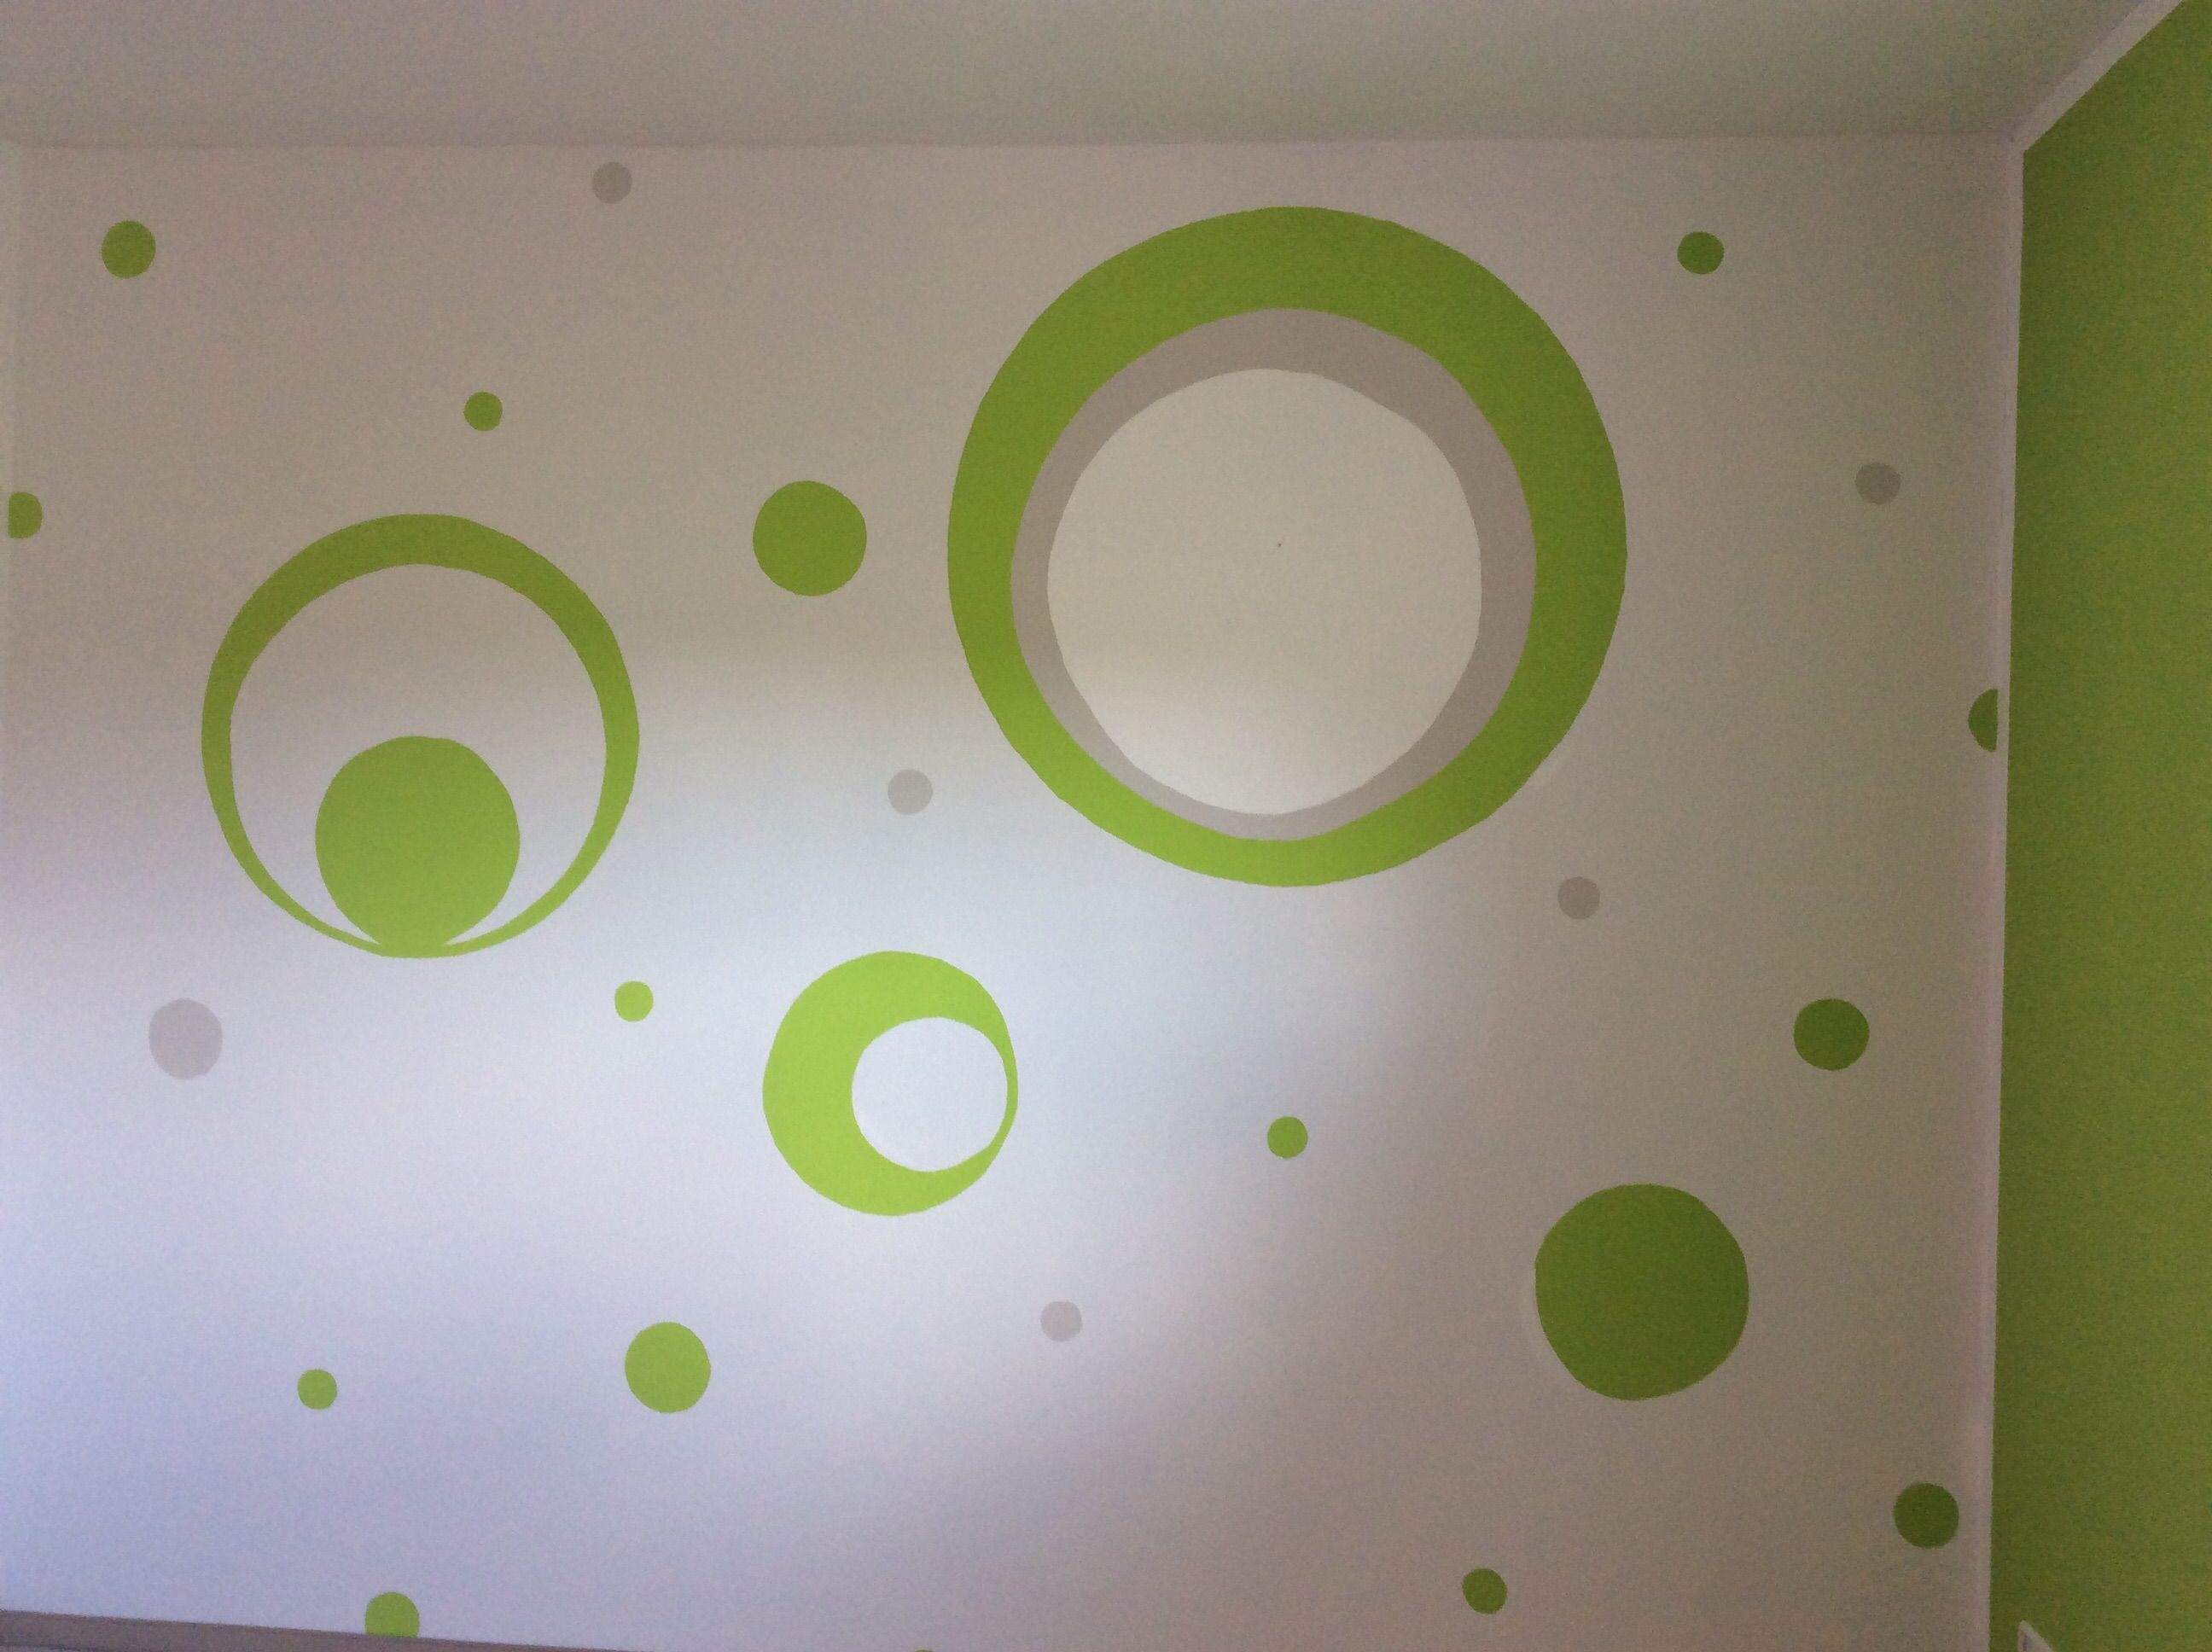 Kinderzimmer Wand Streichen, Grün, Grau, Kreise, Punkte